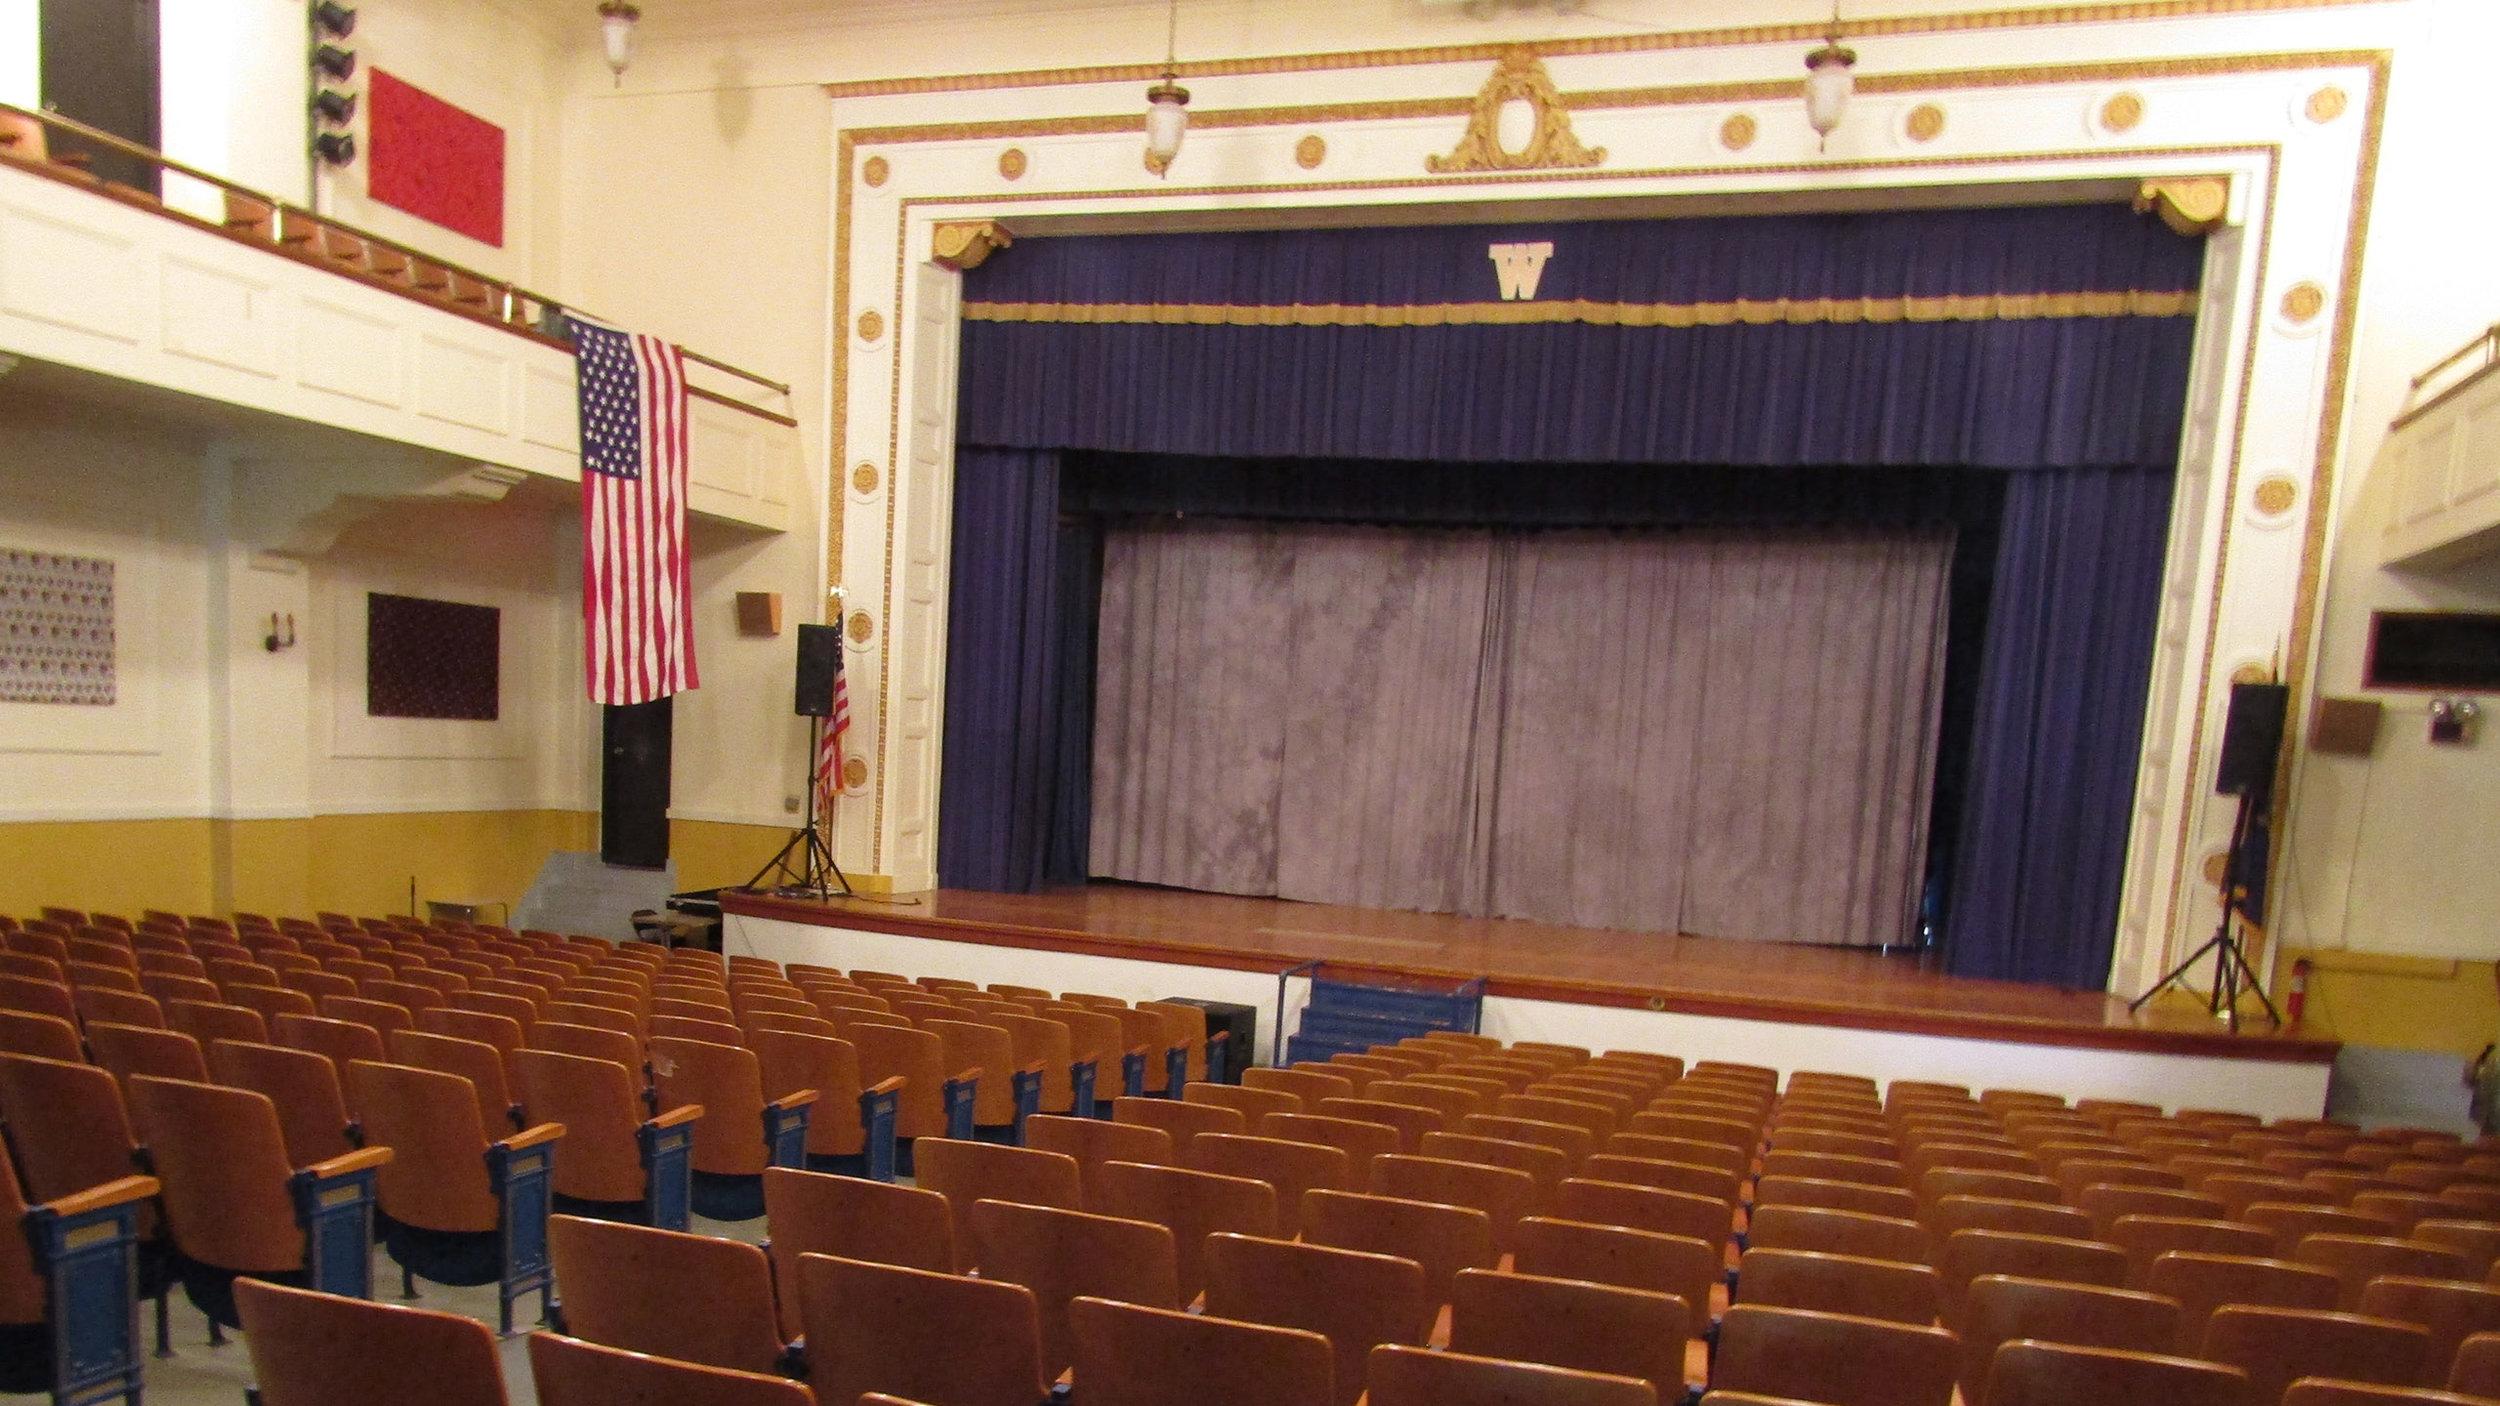 Auditorium_0006.jpg